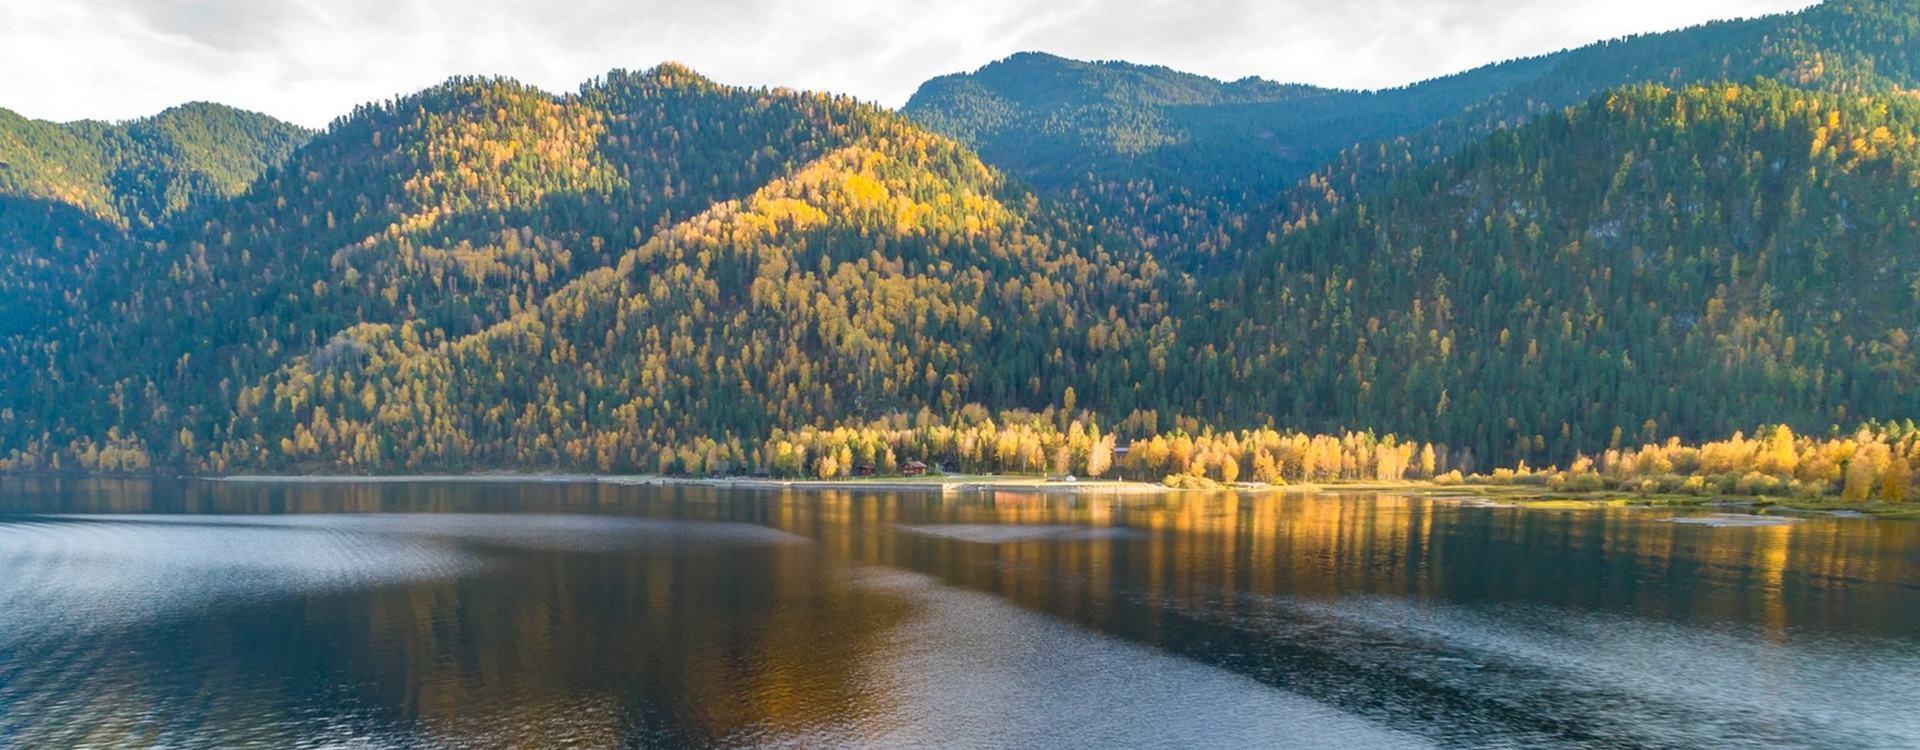 Отдых на Телецком озере, который останется в памяти навсегда